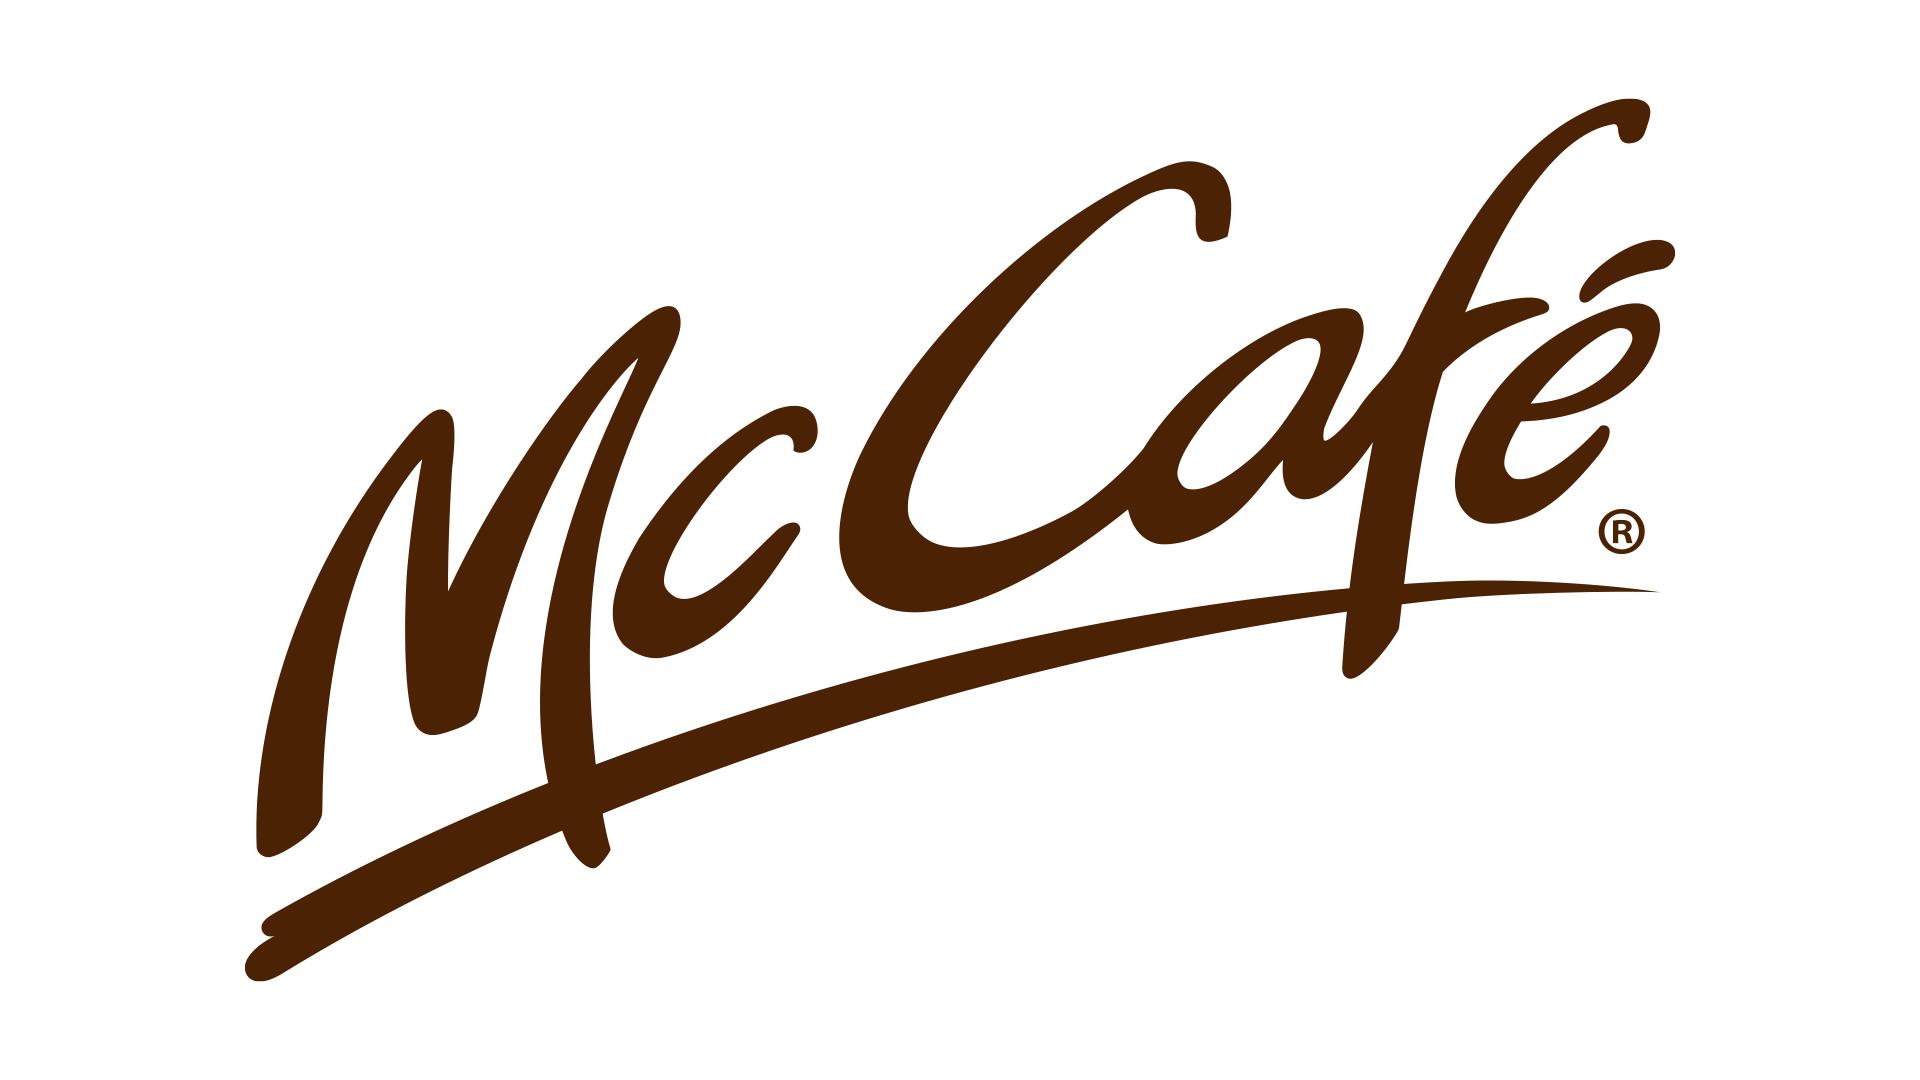 Logo McCafé